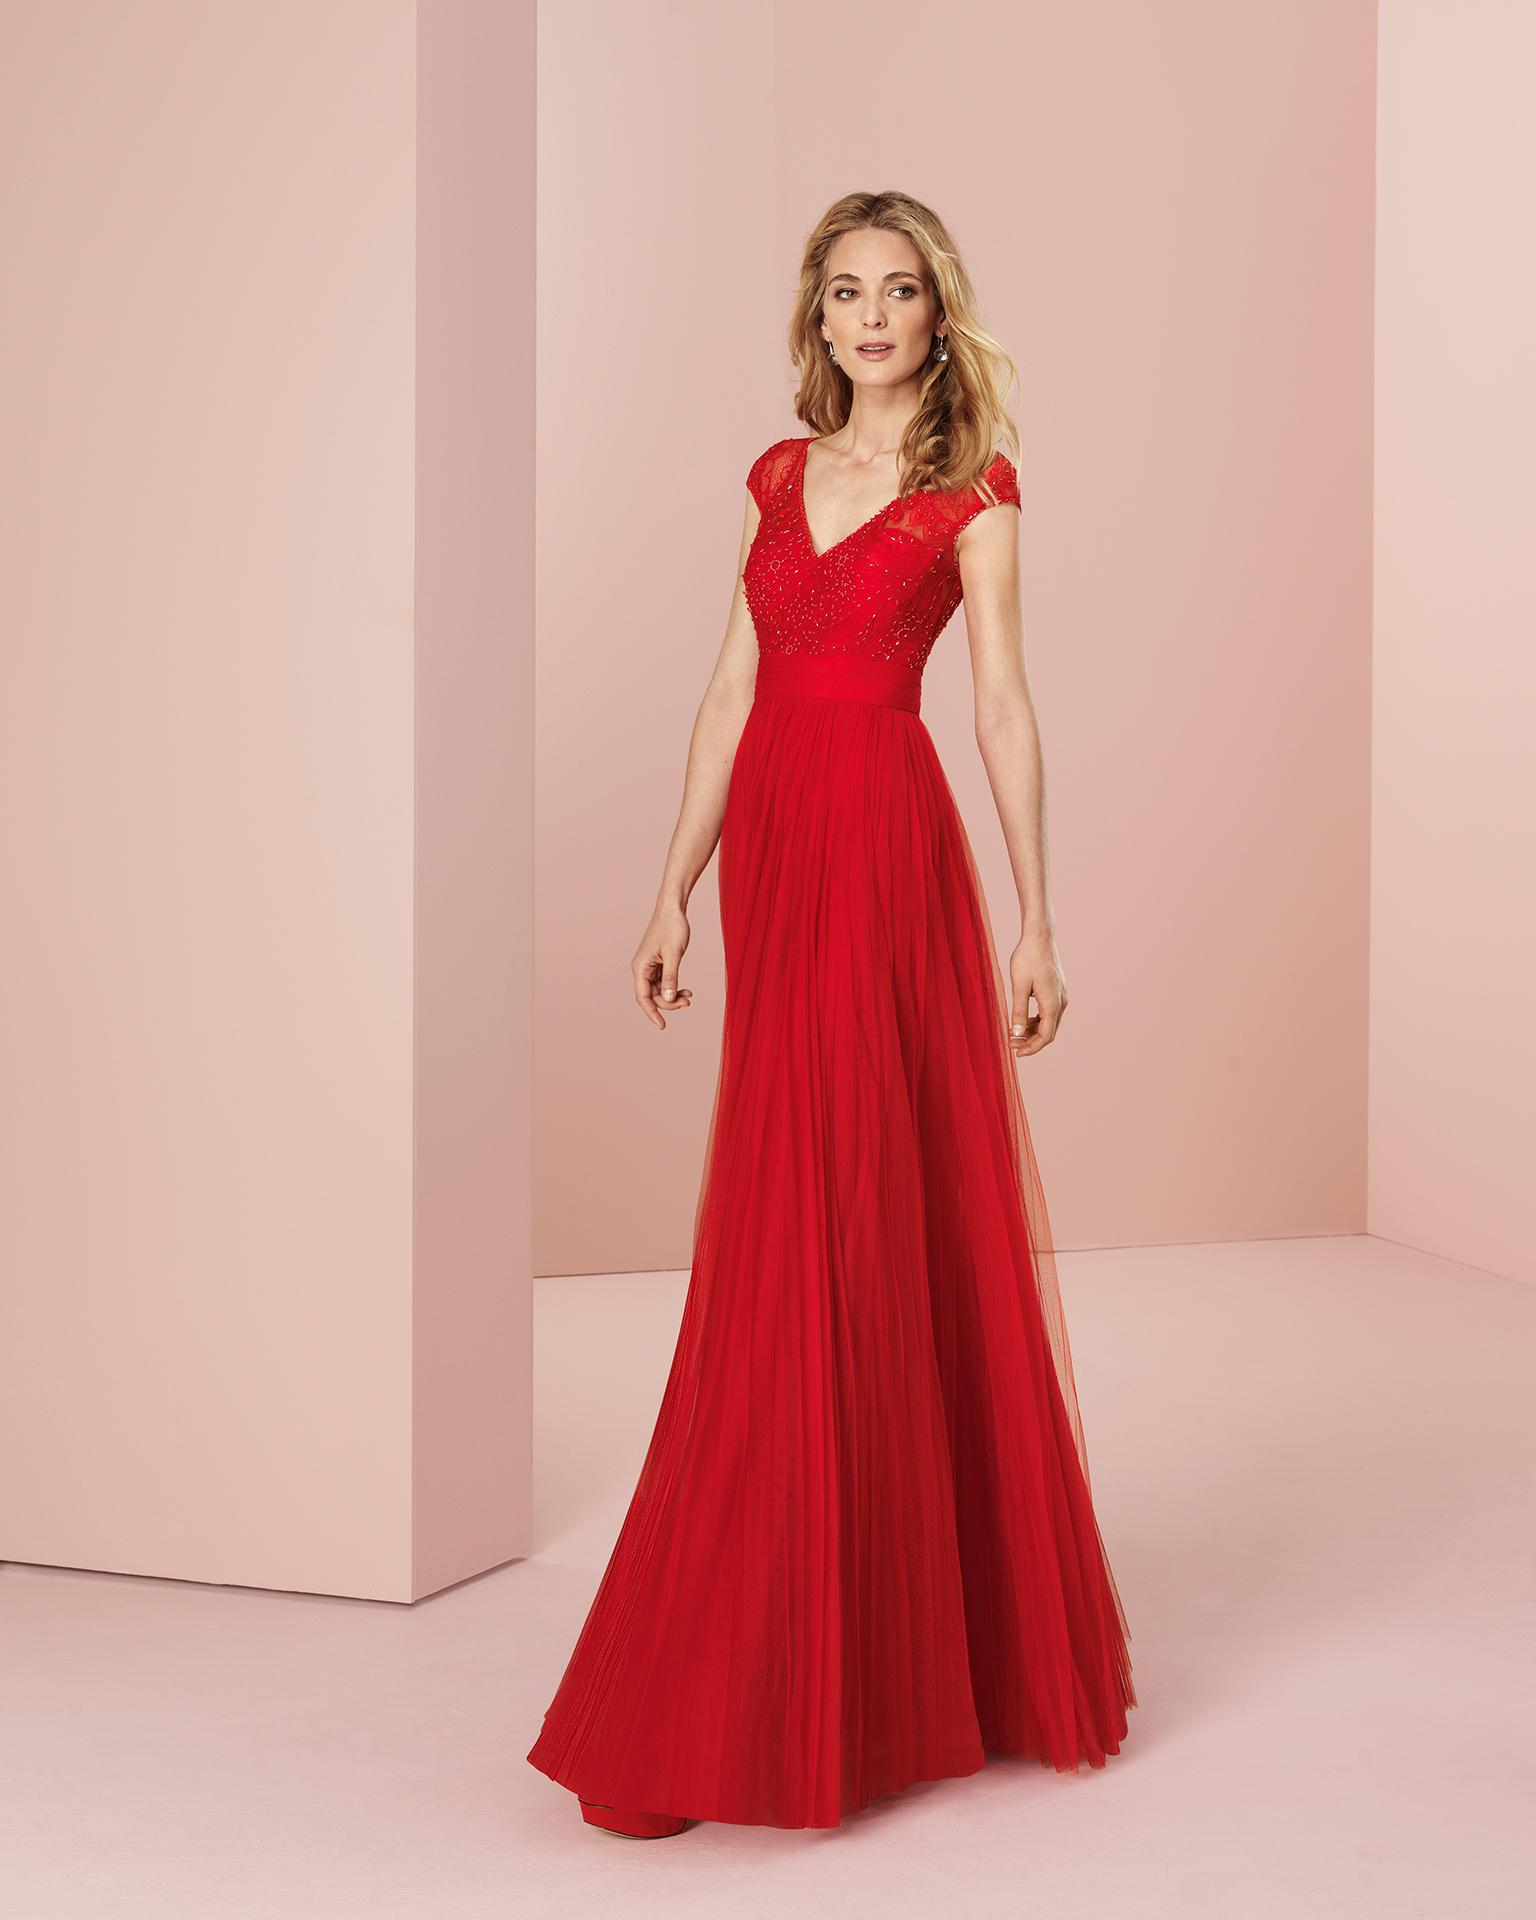 Vestido de fiesta largo con cuerpo de encaje y pedrería y falda de tul con chal. Disponible en color rojo y humo. Colección COUTURE CLUB 2018.